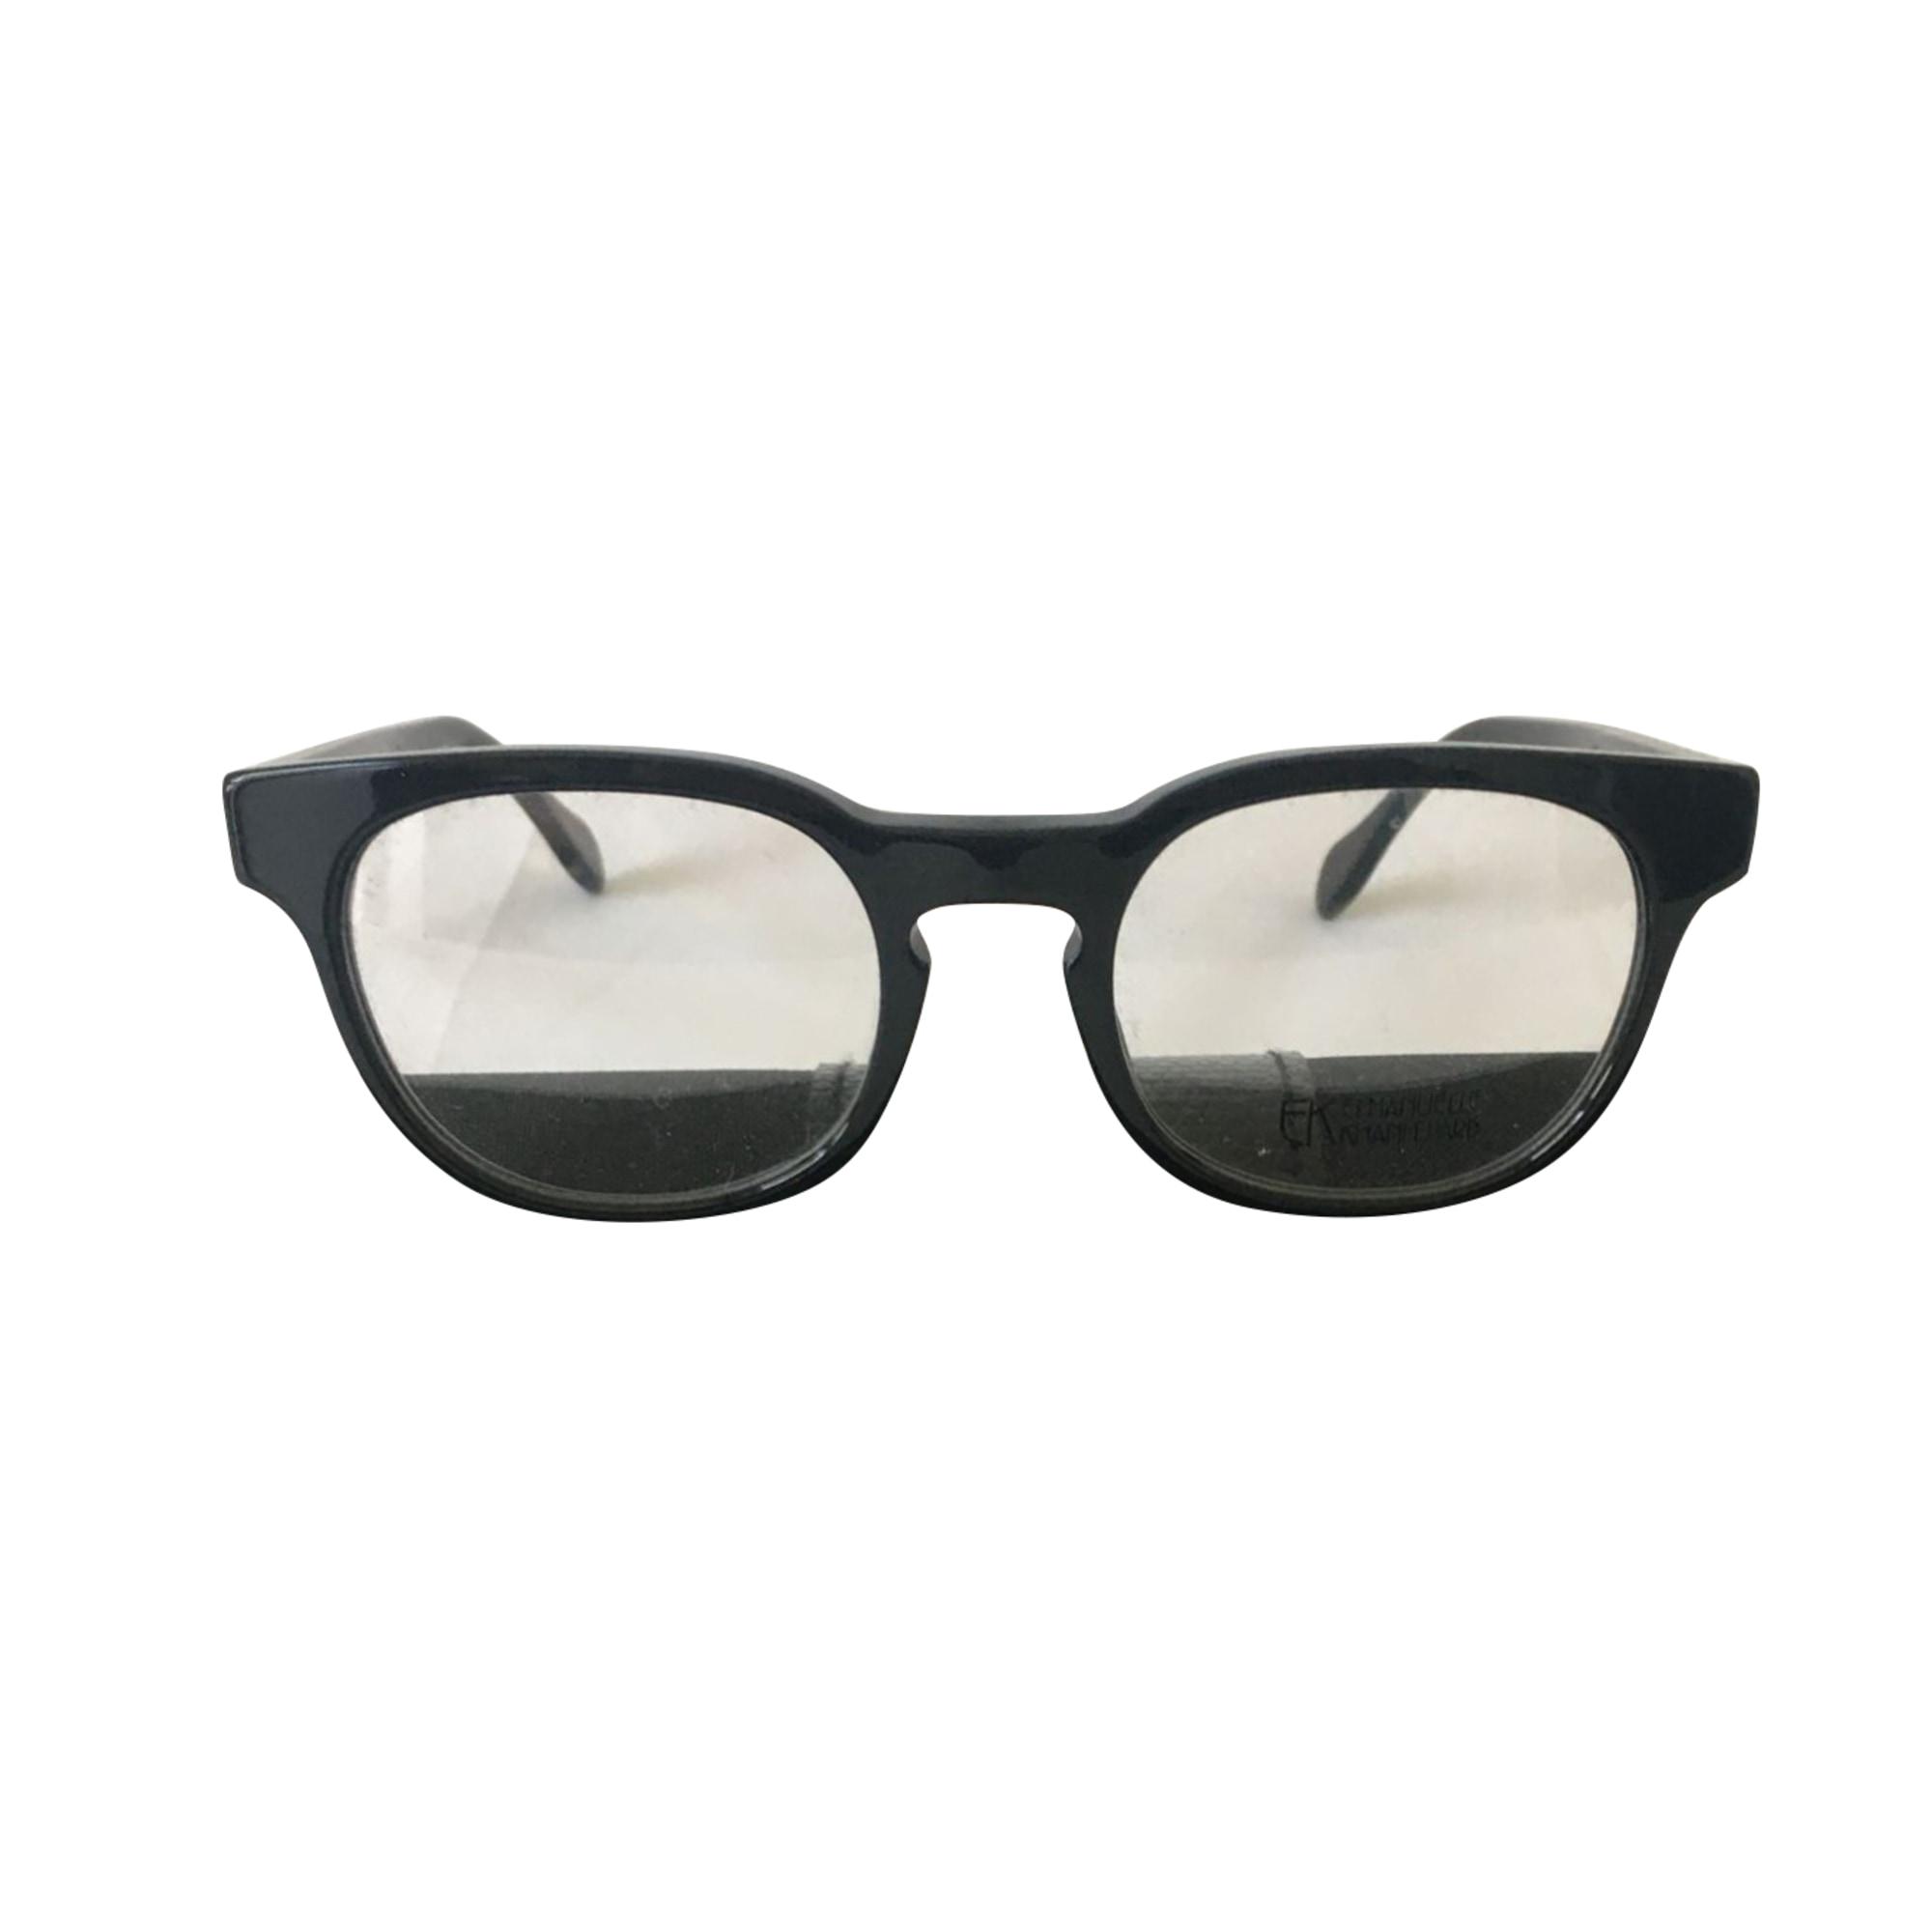 Eyeglass Frames EMMANUELLE KHANH Black